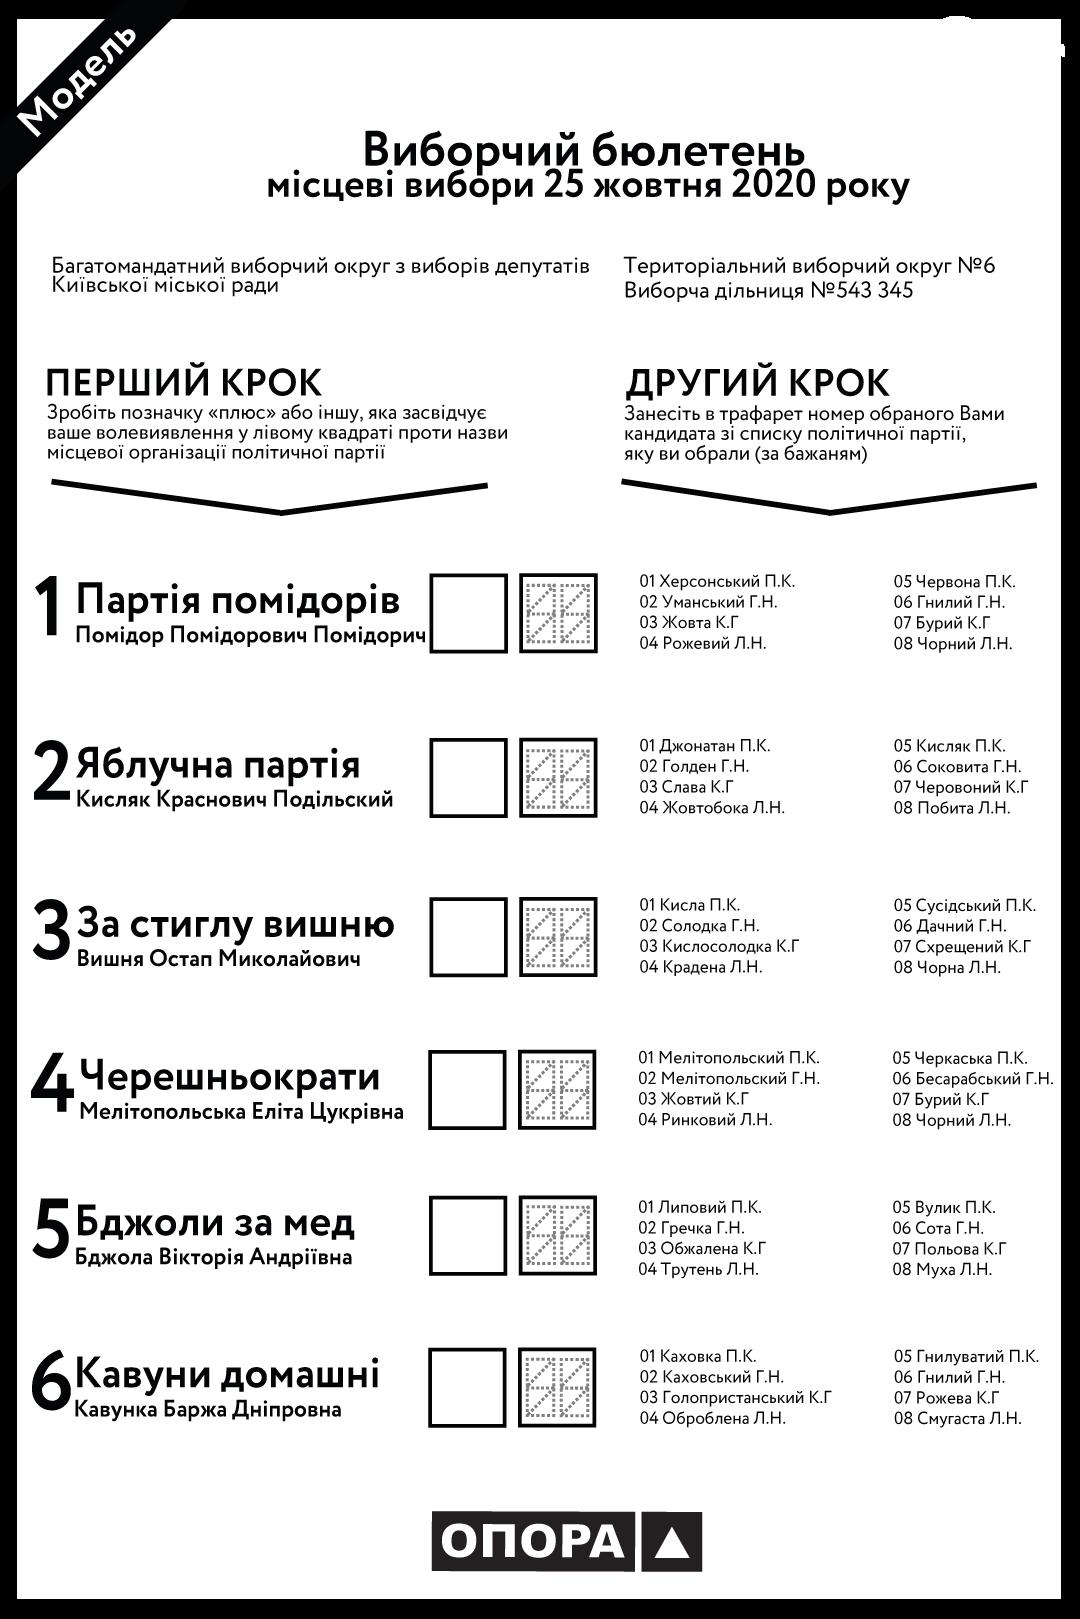 Местные выборы-2020. Как заполнить бюллетень нового образца, чтобы голос засчитали, фото-1